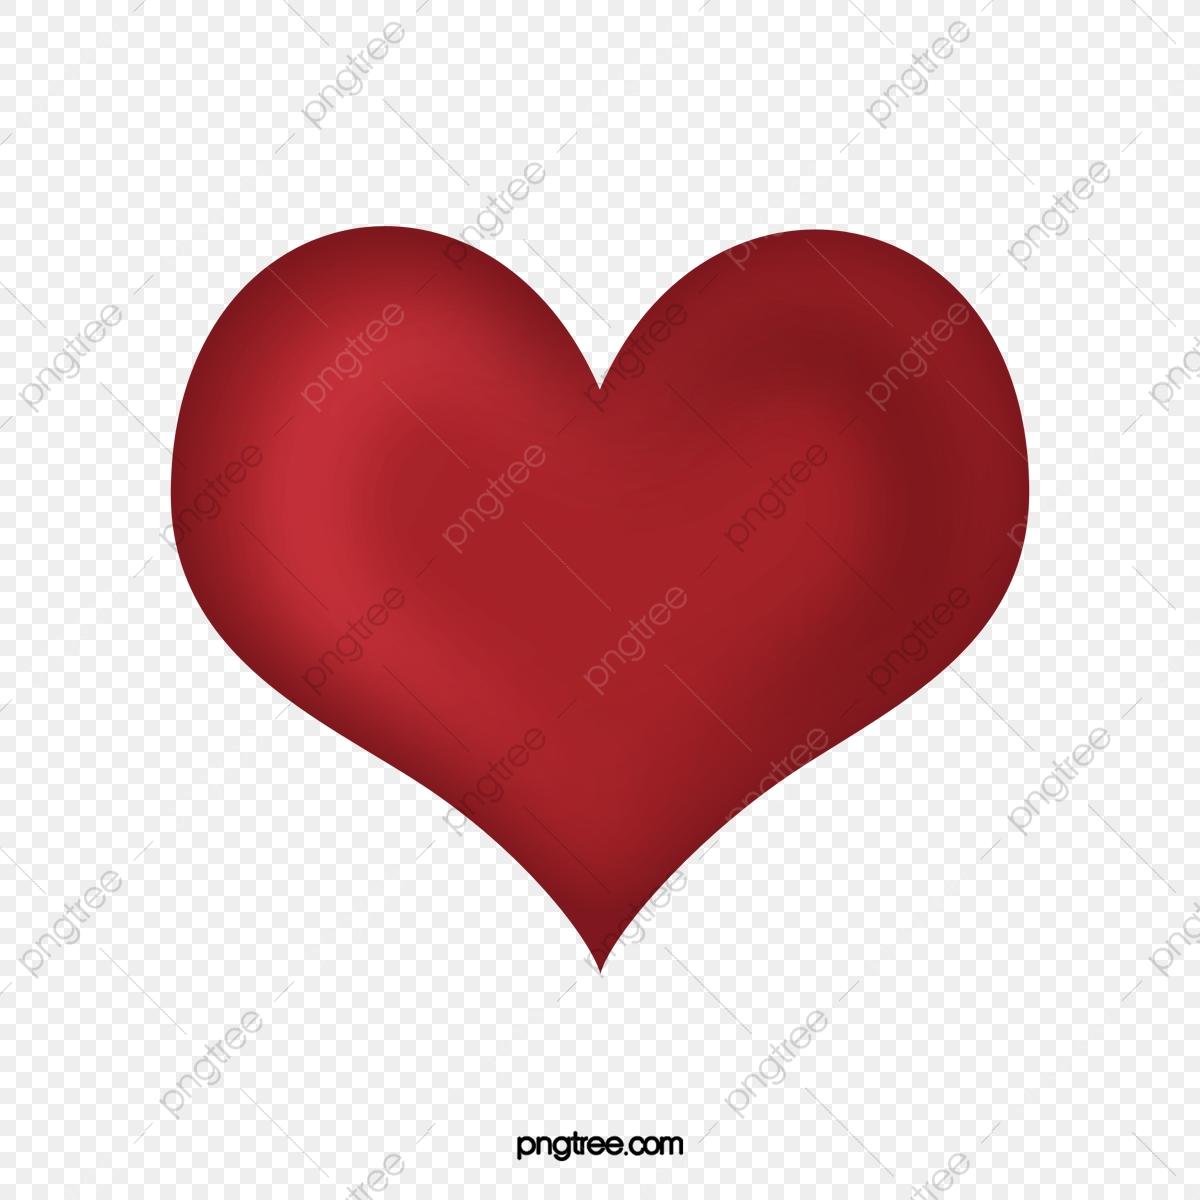 Coeur Rouge Vecteur Tridimensionnel Standard, Le Vecteur Du Coeur.